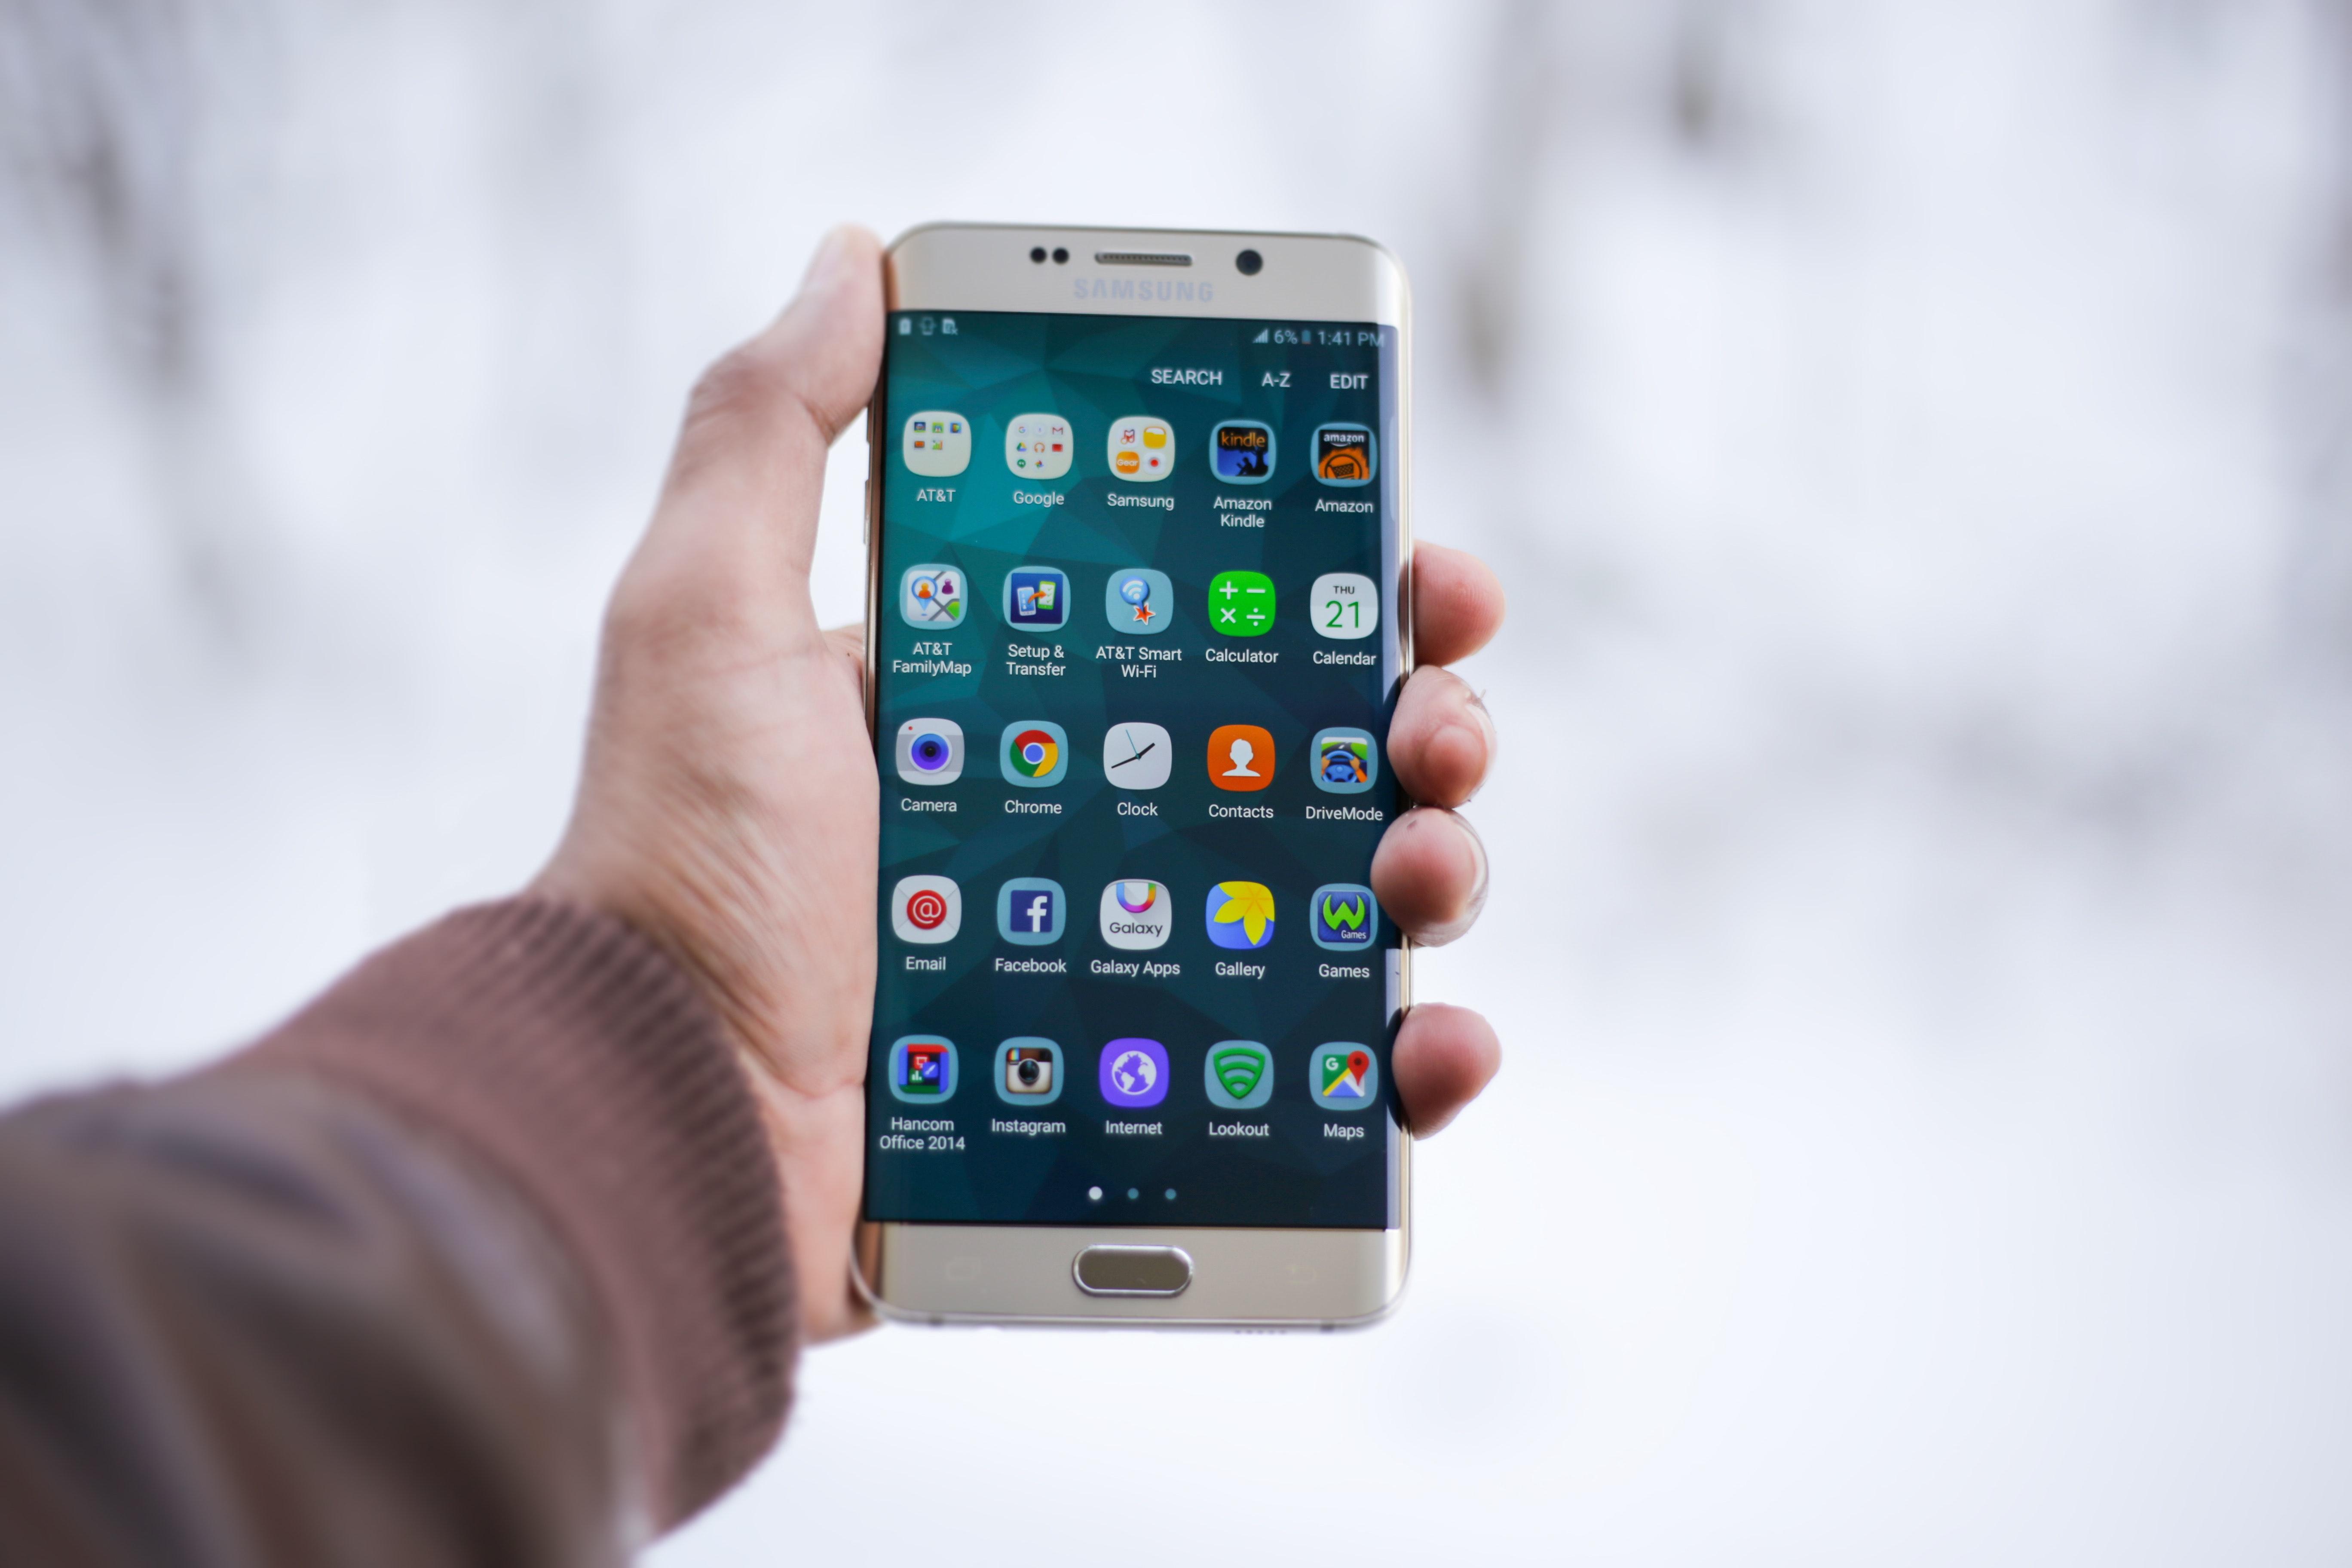 Teléfonos Móviles Dispositivo favorito para acceder Internet